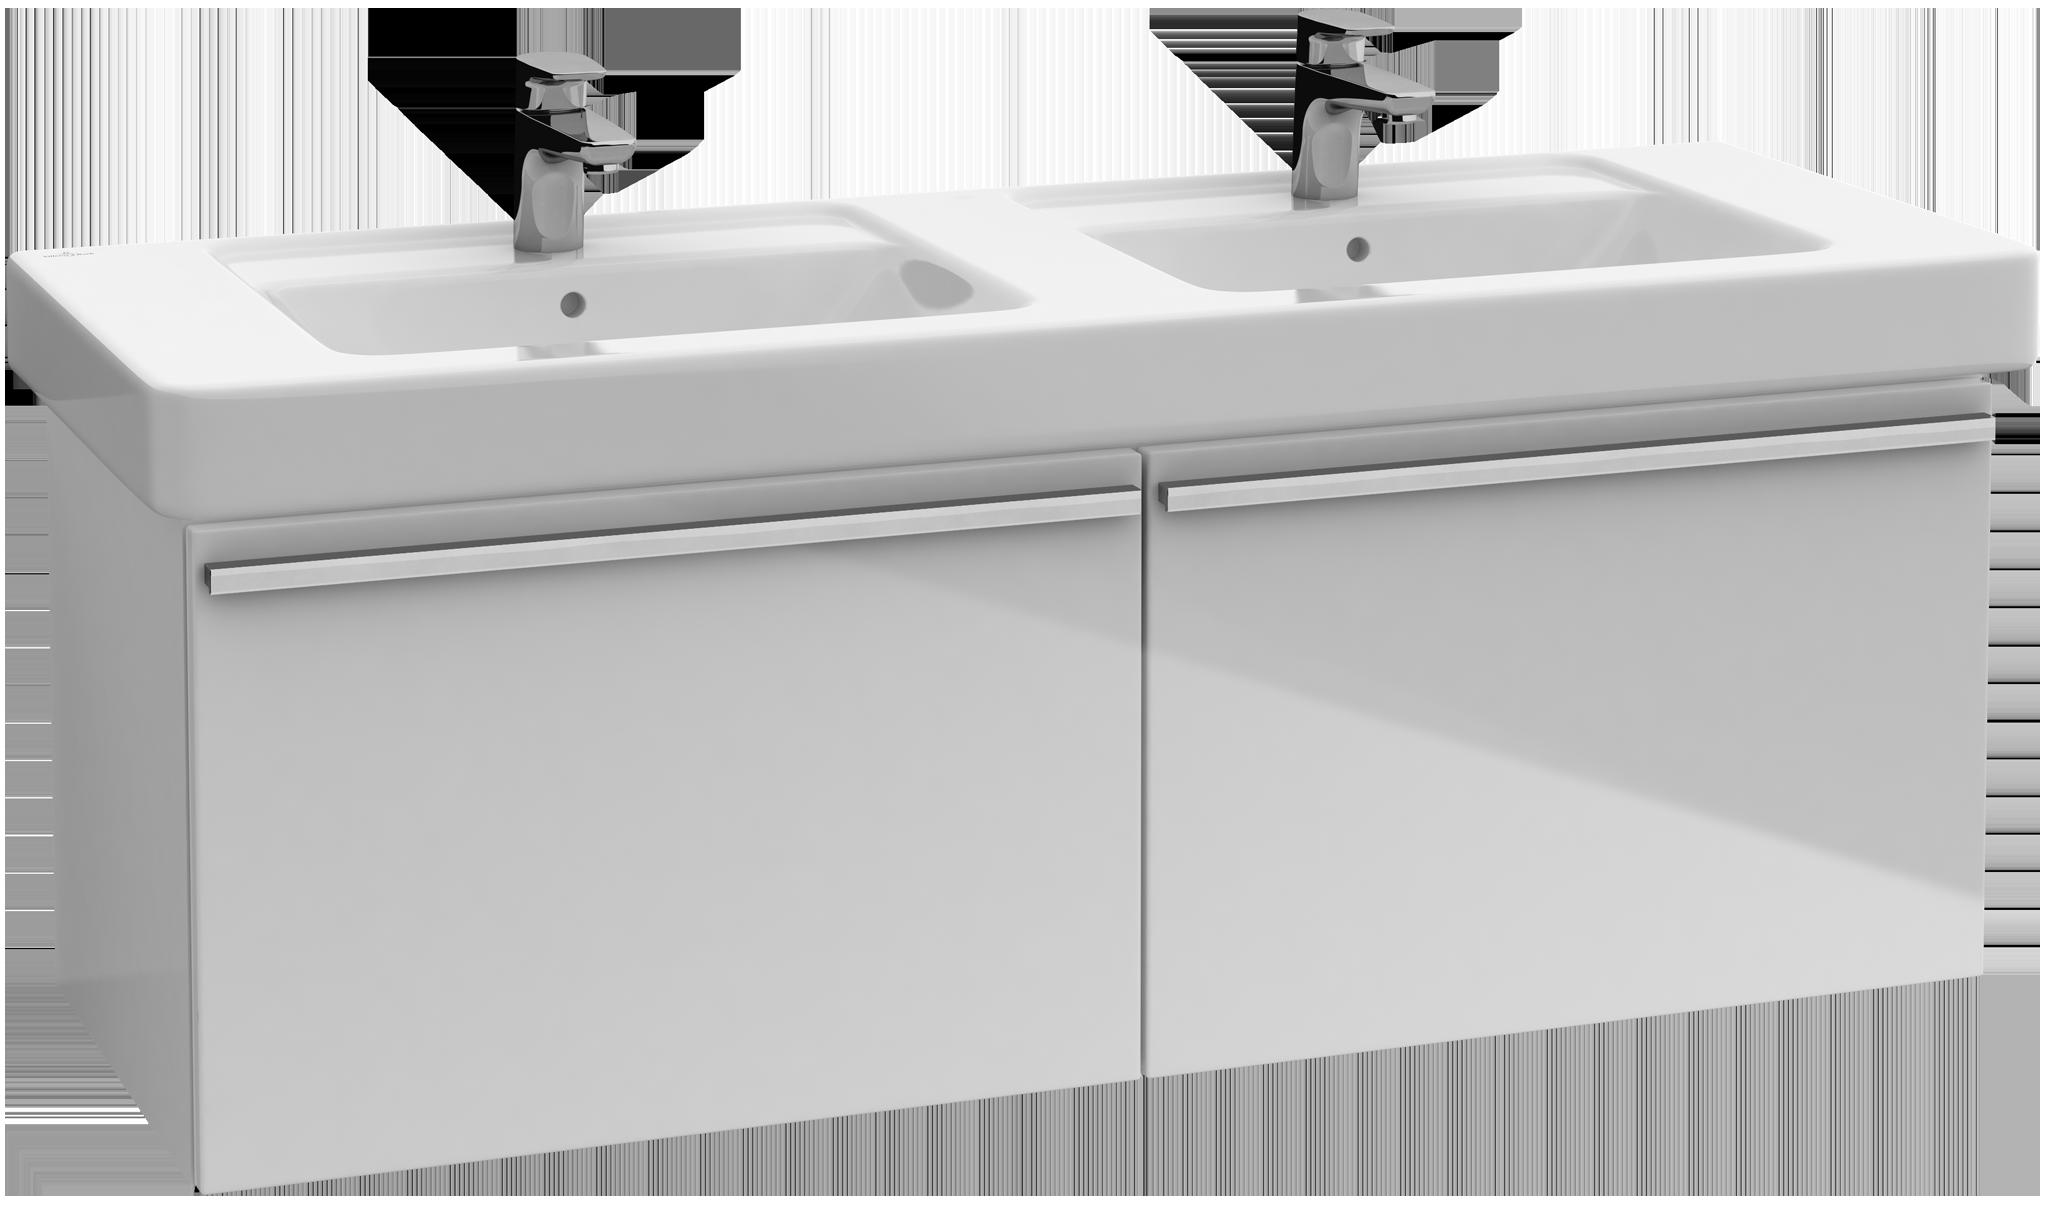 Central line meuble sous lavabo a288p2 villeroy boch for Meuble de salle de bain villeroy et boch